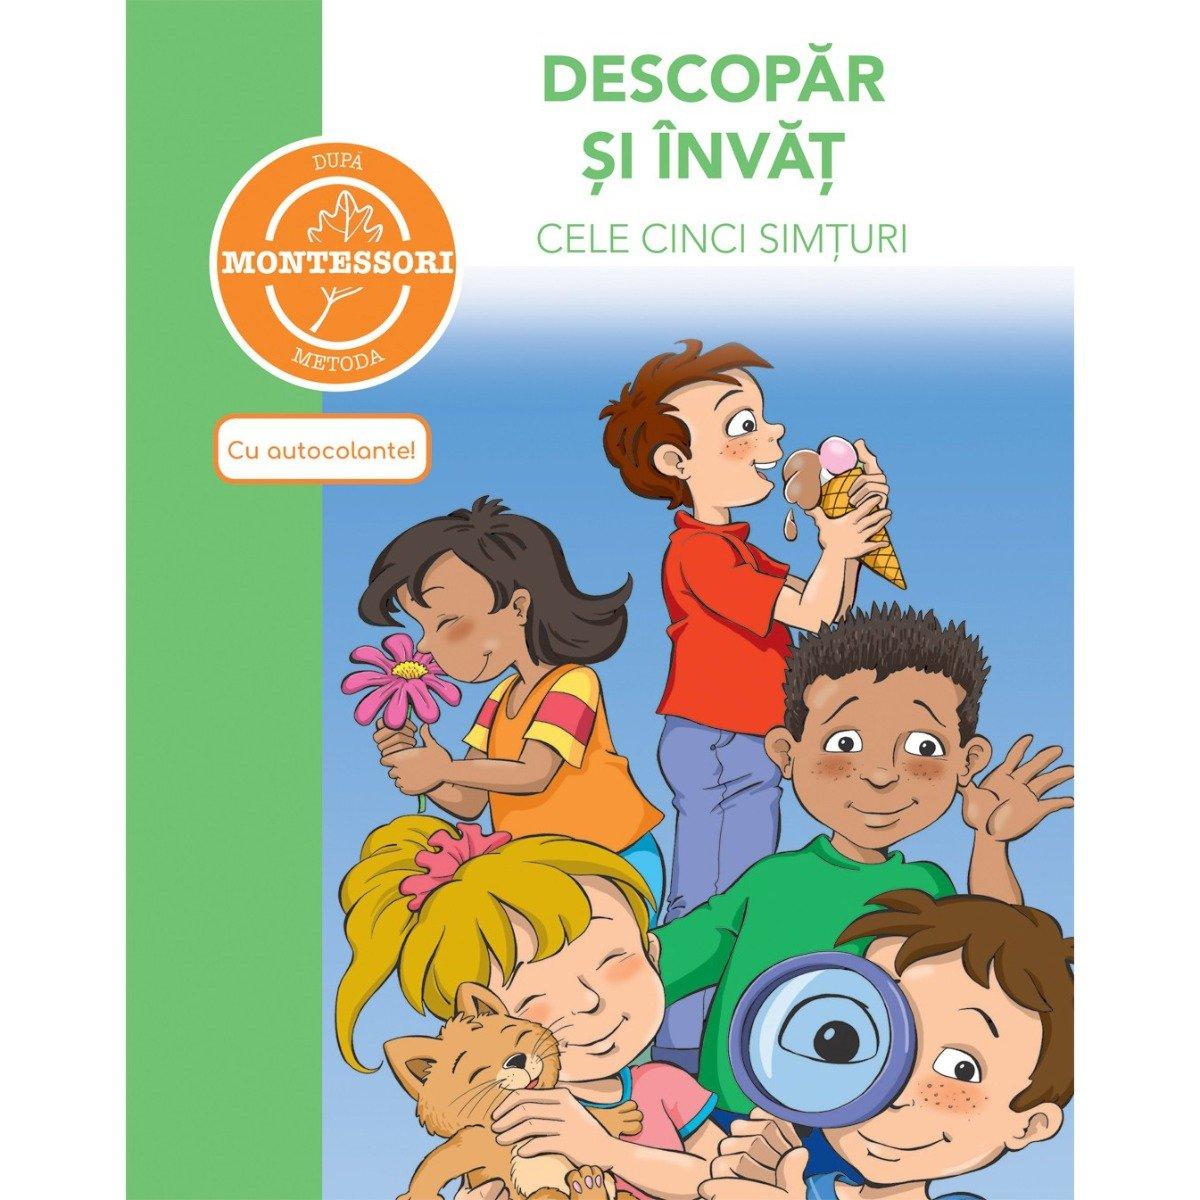 Carte Descopar si invat cele cinci simturi - dupa metoda Montessori, Editura DPH imagine 2021